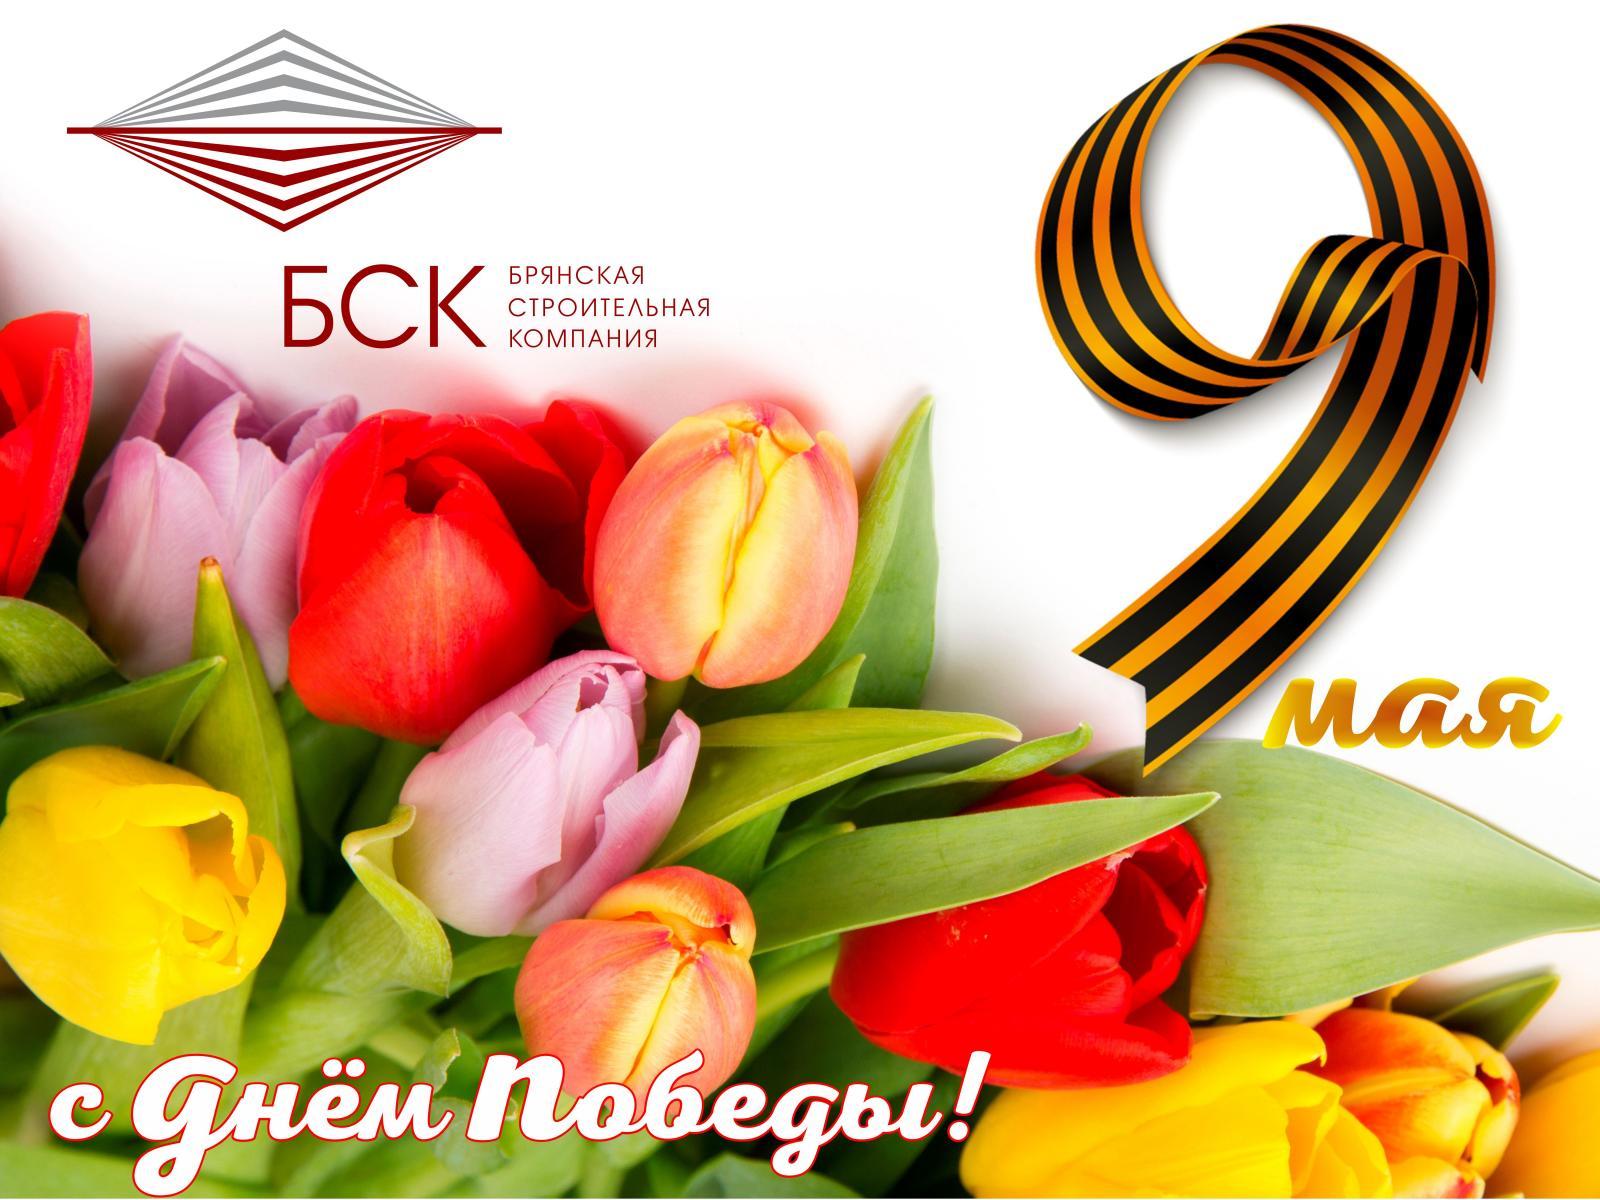 Брянская строительная компания поздравляет жителей Брянска с 76-ой годовщиной Победы в Великой Отечественной войне